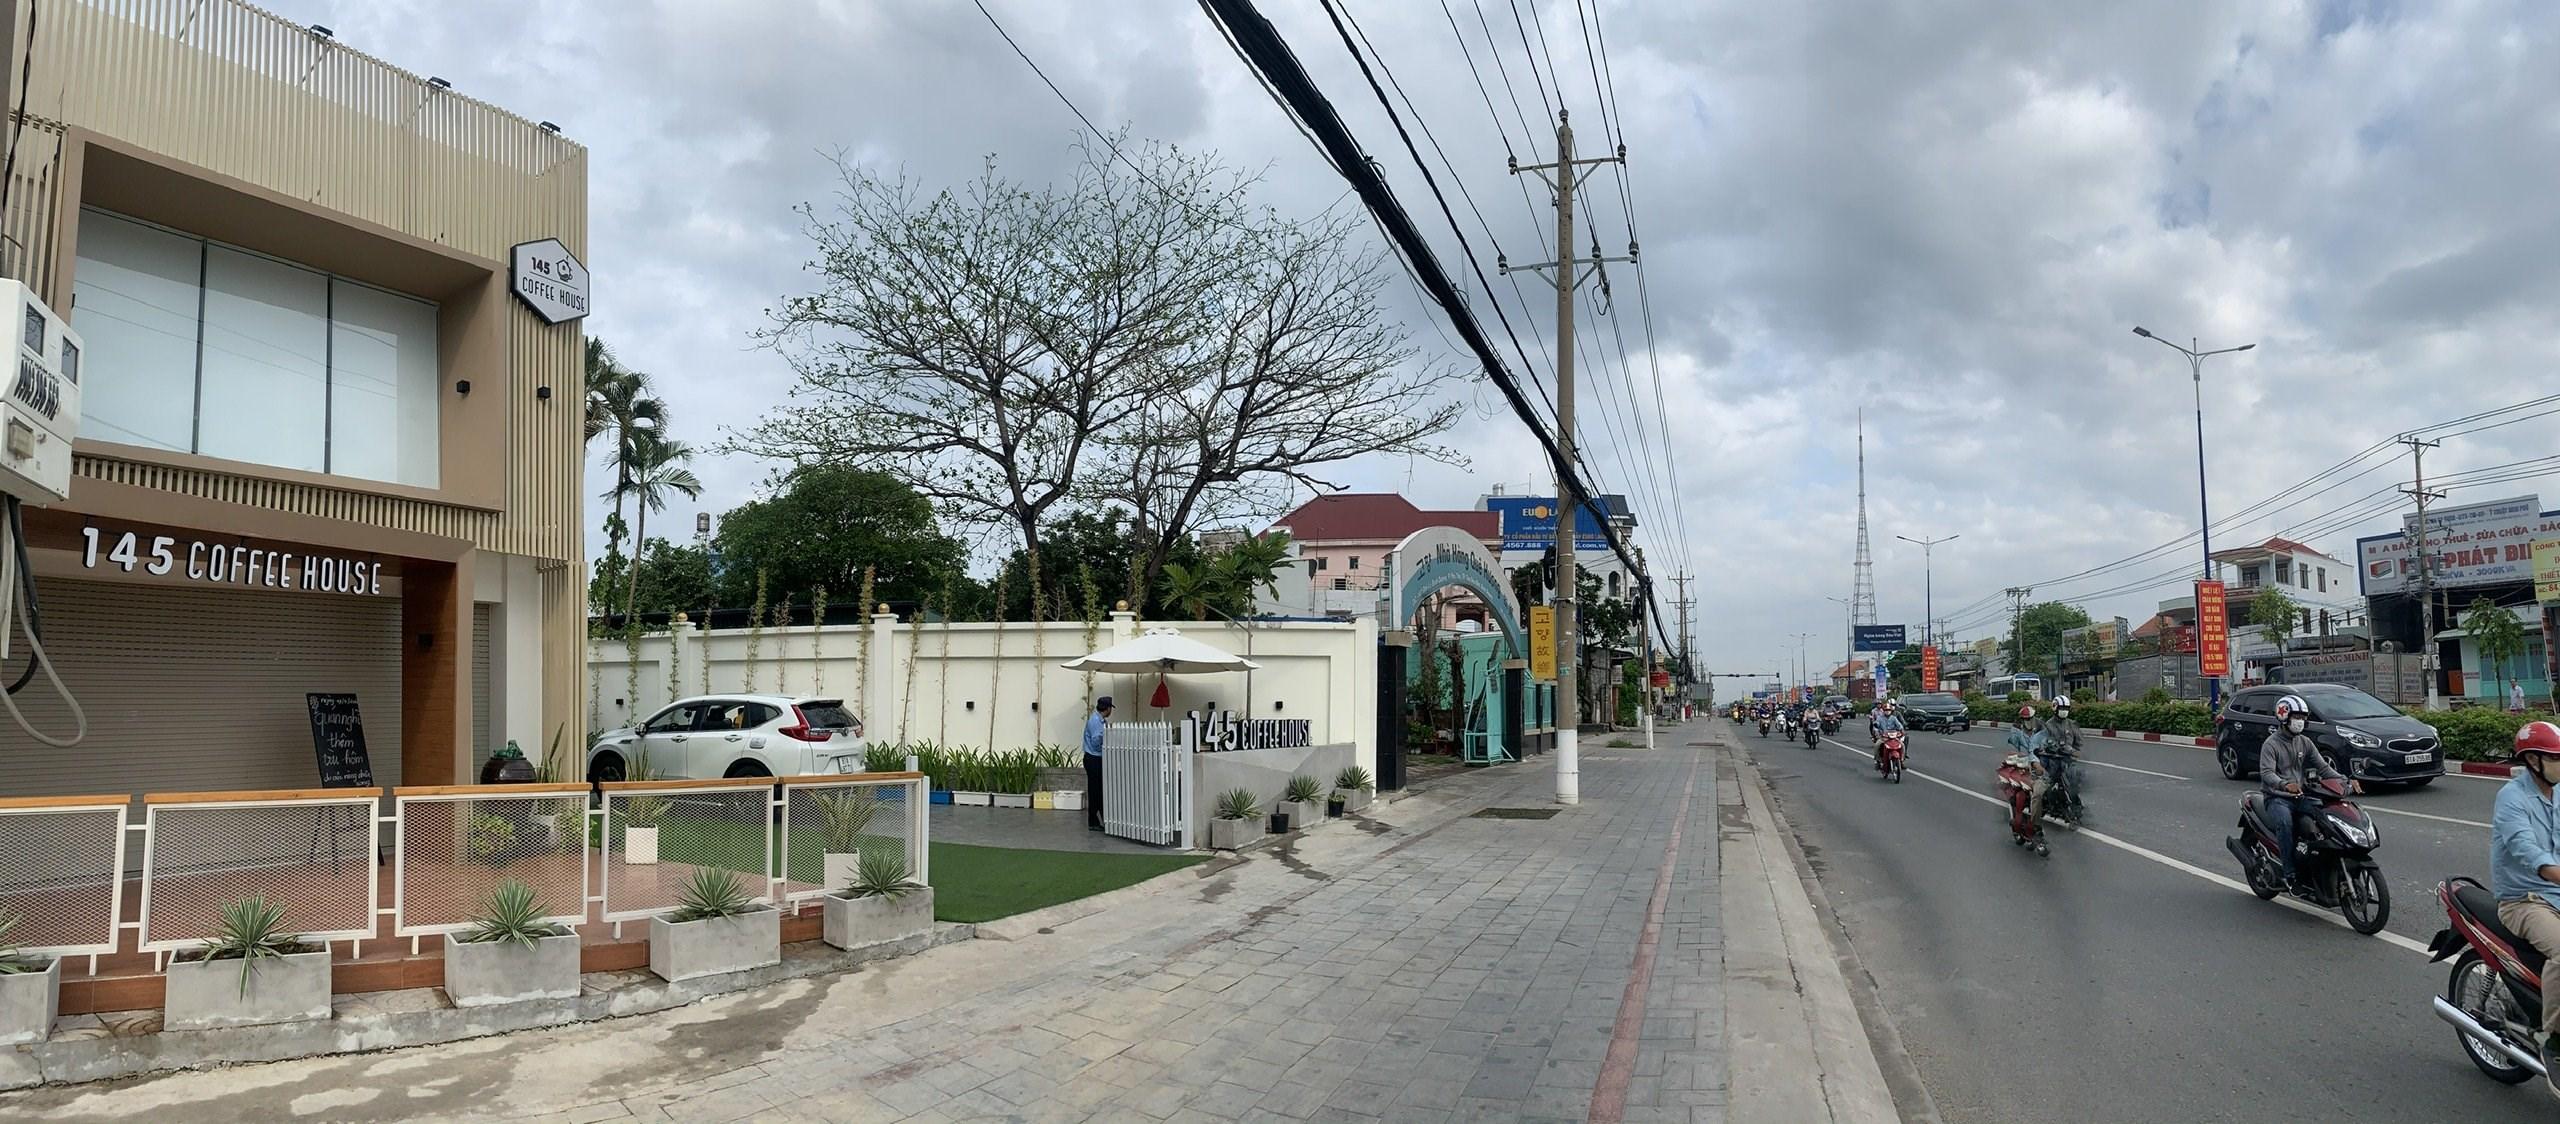 Bán nhà mặt phố Đường Đại lộ Bình Dương,  Thủ Dầu Một, giá tốt